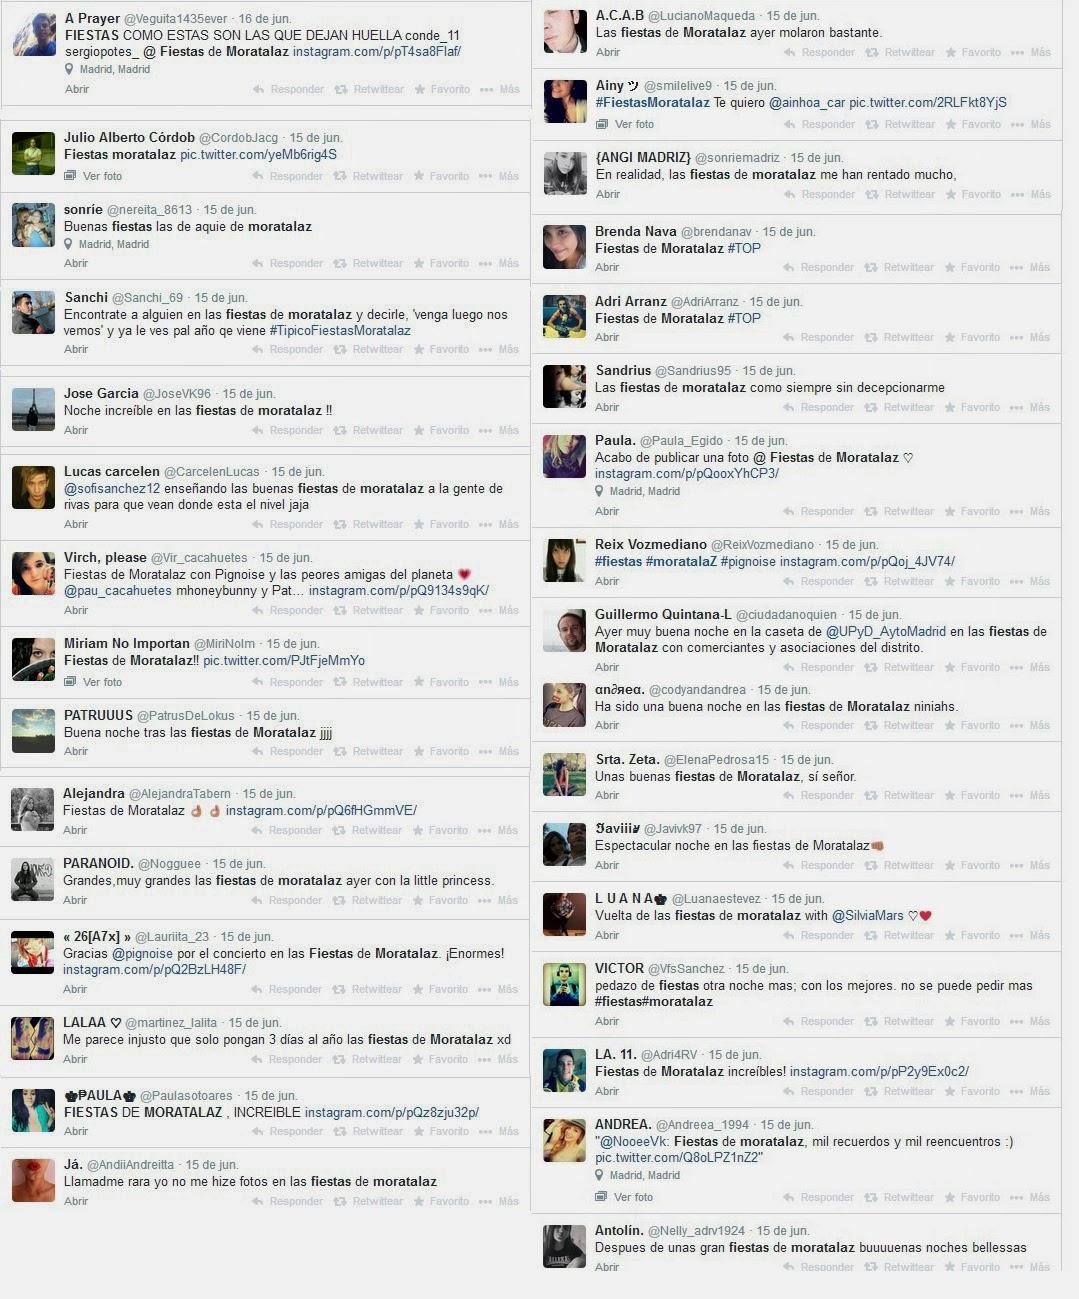 Reflejo de algunas impresiones sobre las Fiestas de Moratalaz 2014 en Twitter.